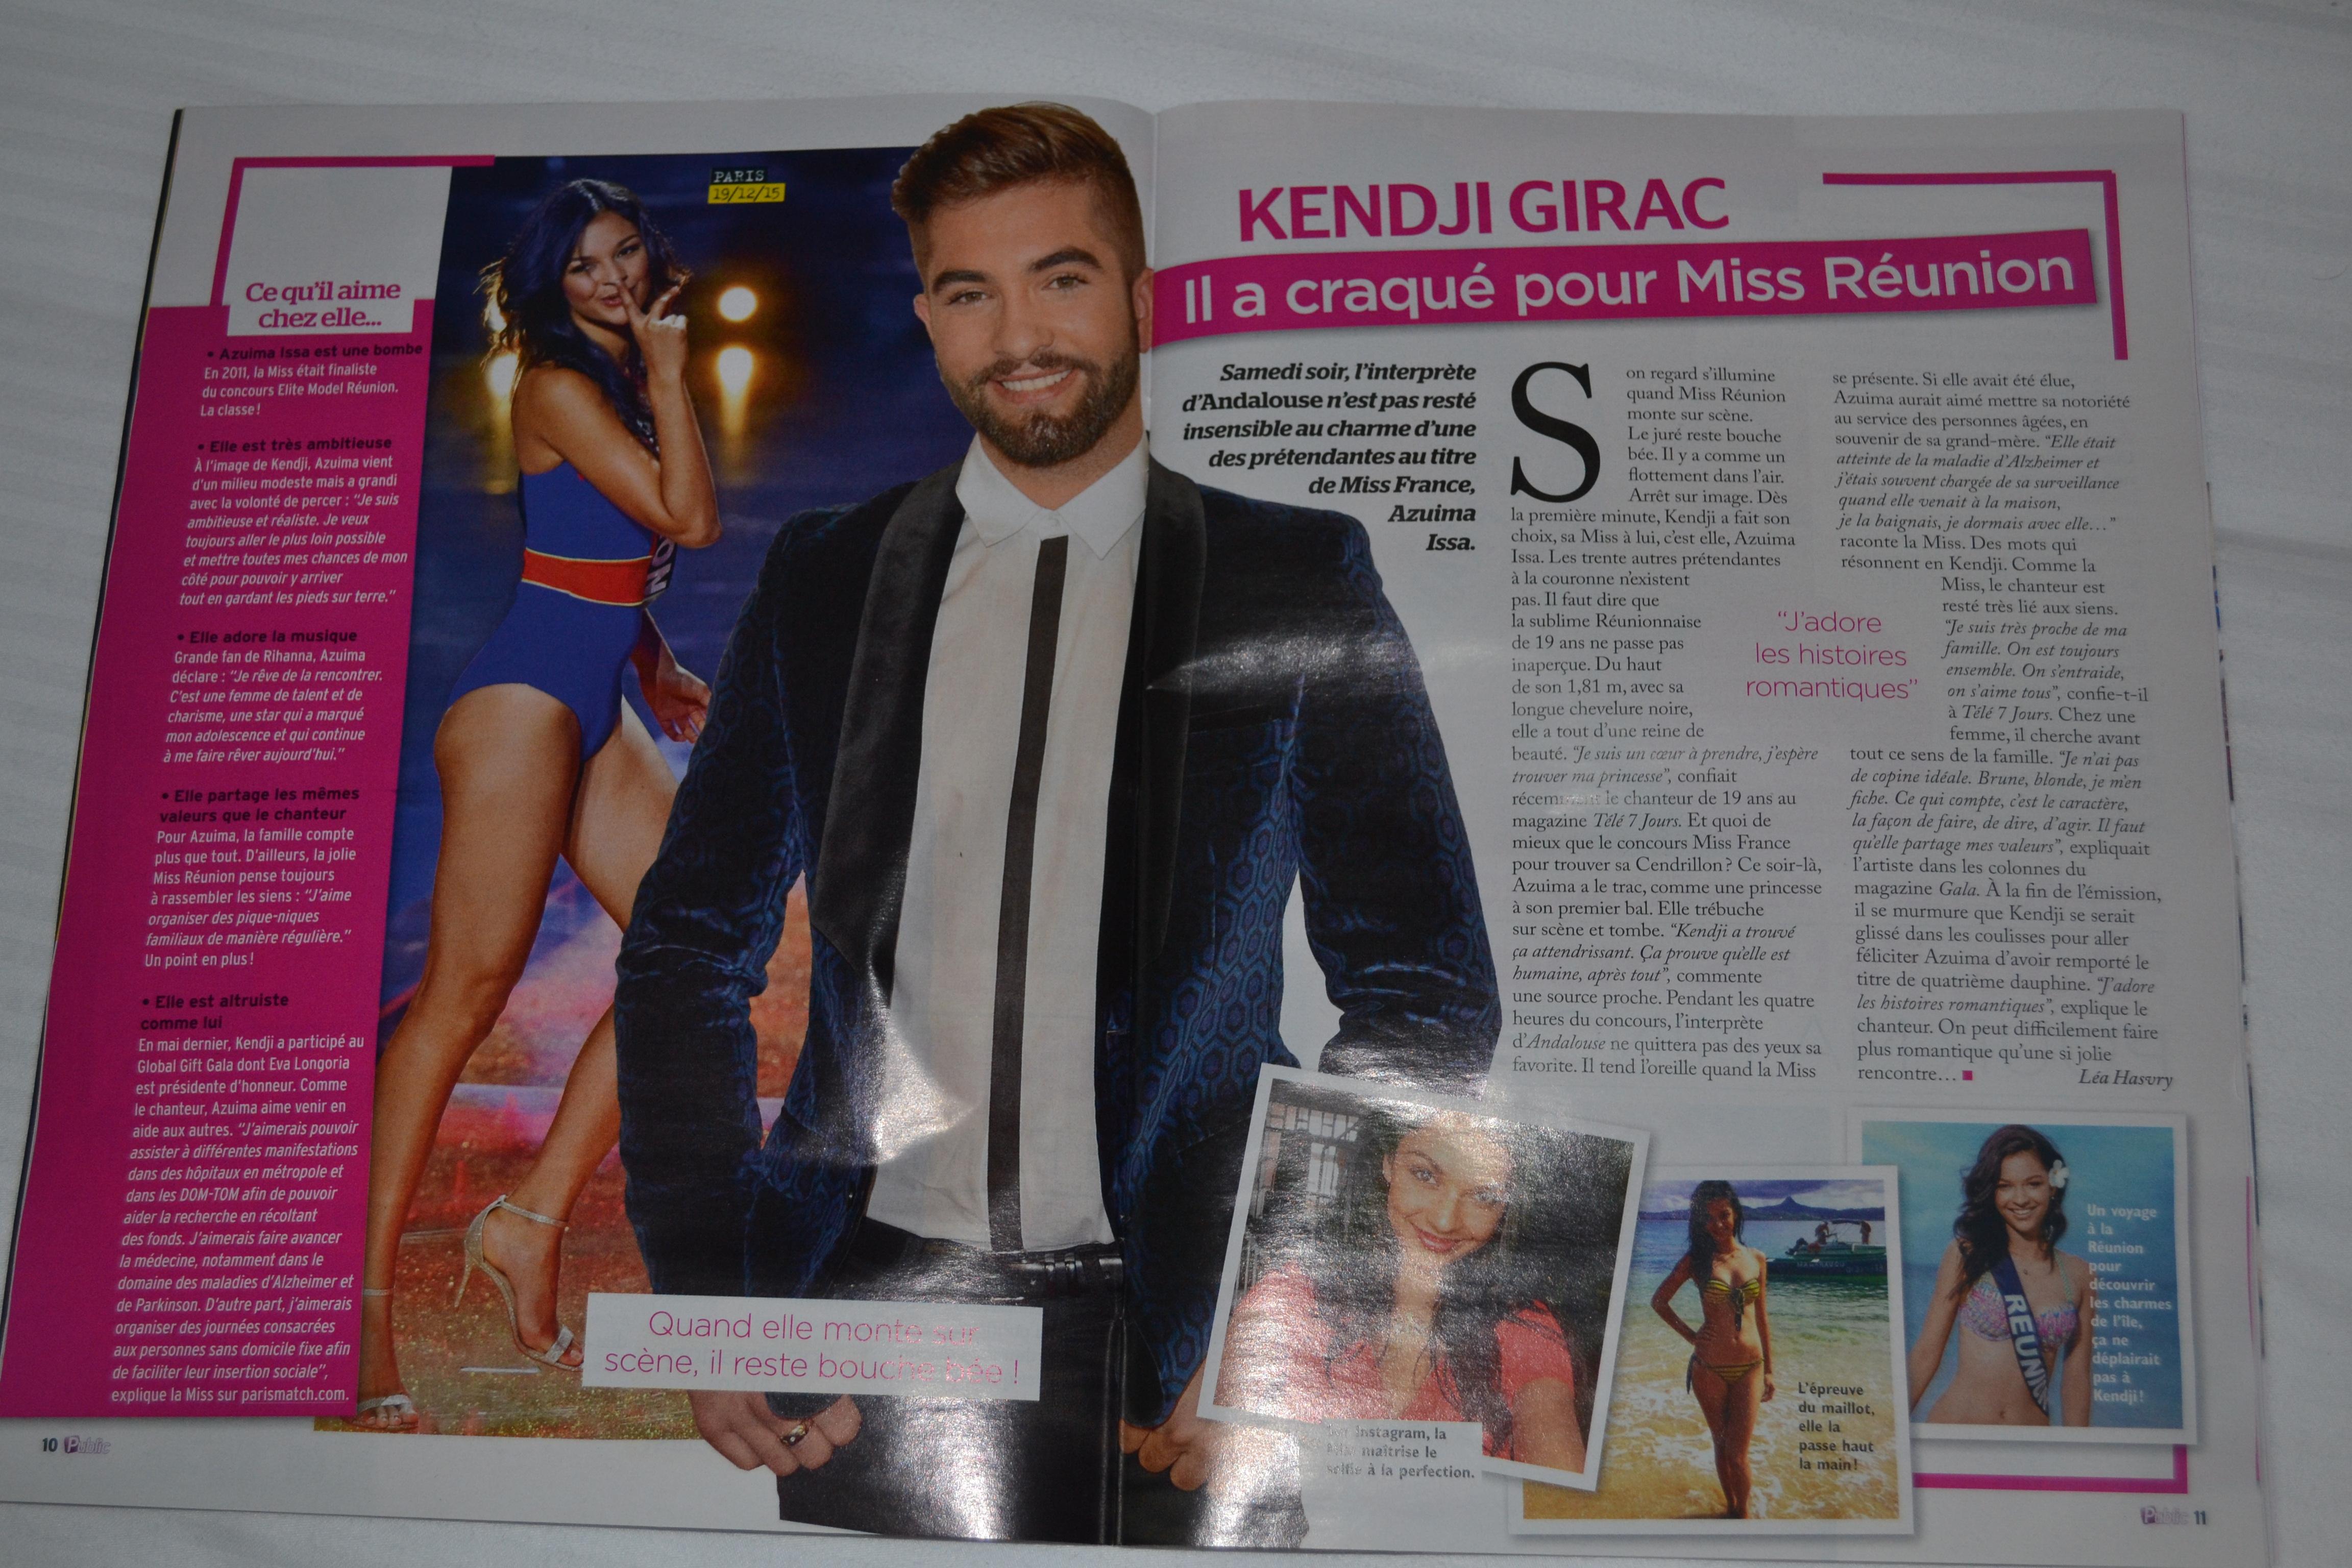 Dans le magazine, 2 pages sur Kendji Girac et Miss Réunion